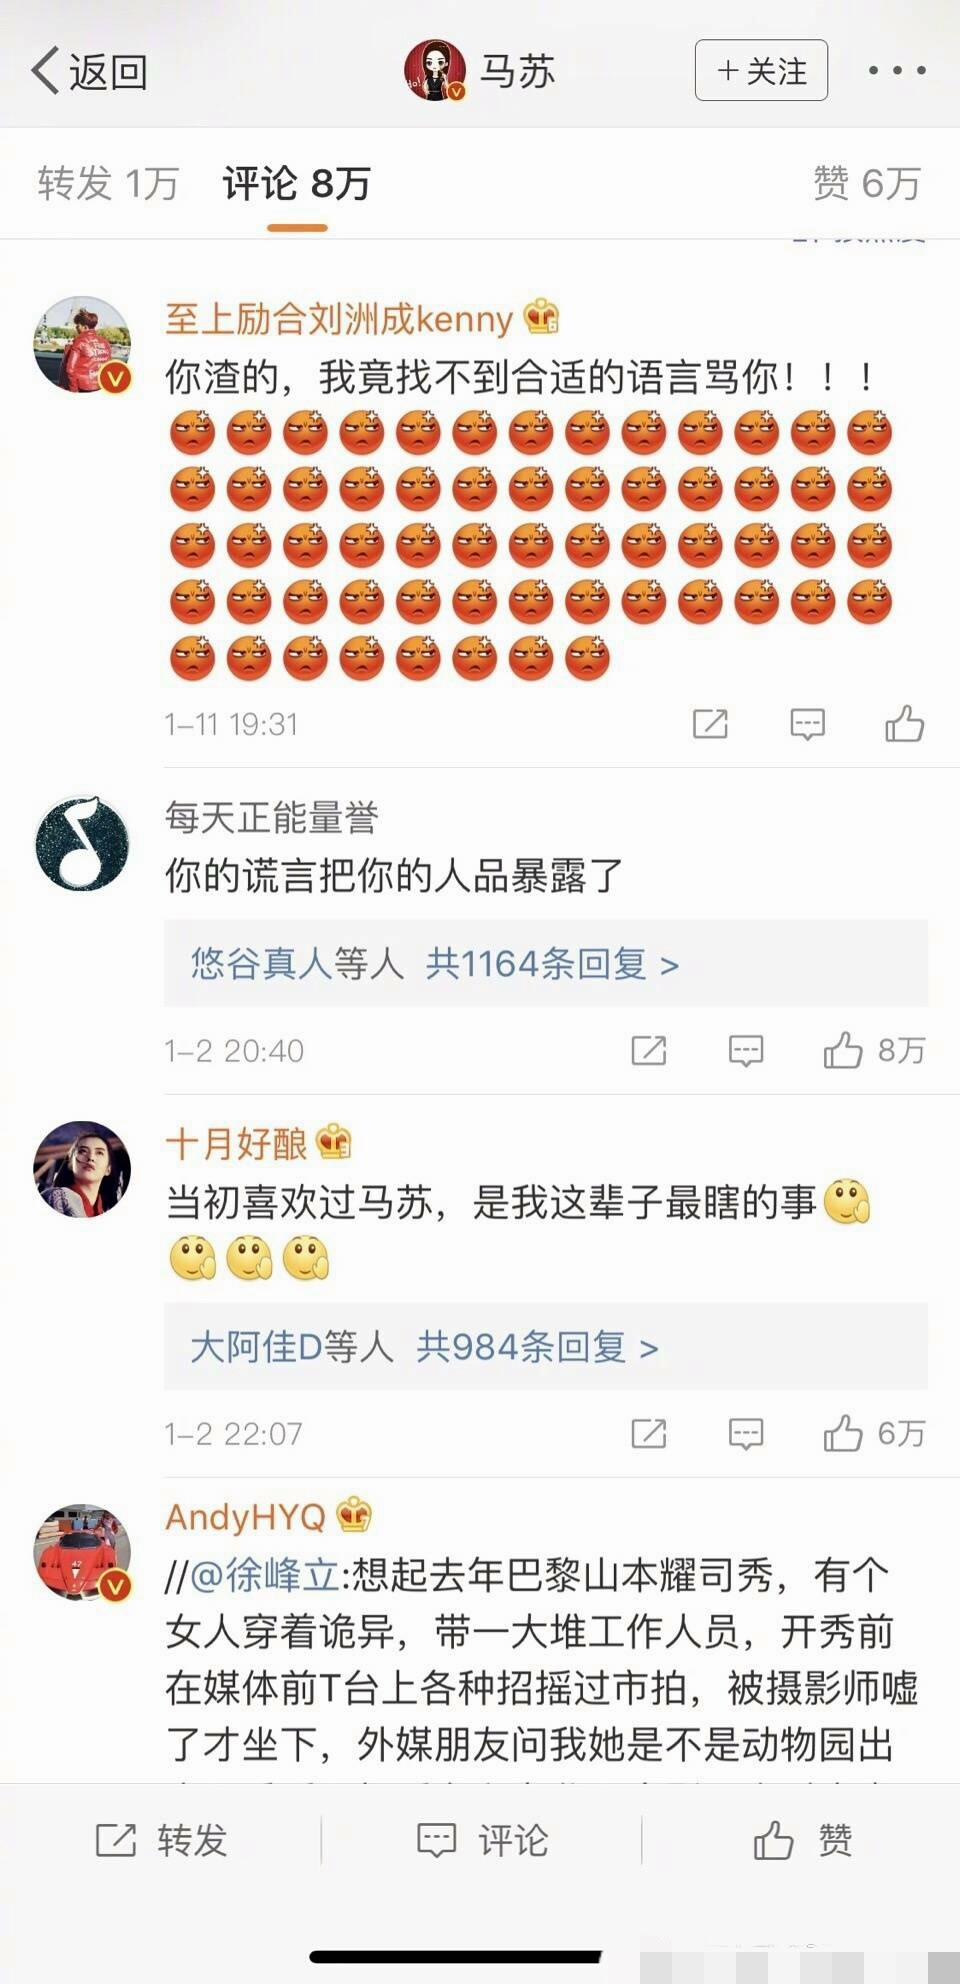 娱乐圈撕破脸皮互怼系列,刘洲成留言马苏:你渣的无法用语言骂你